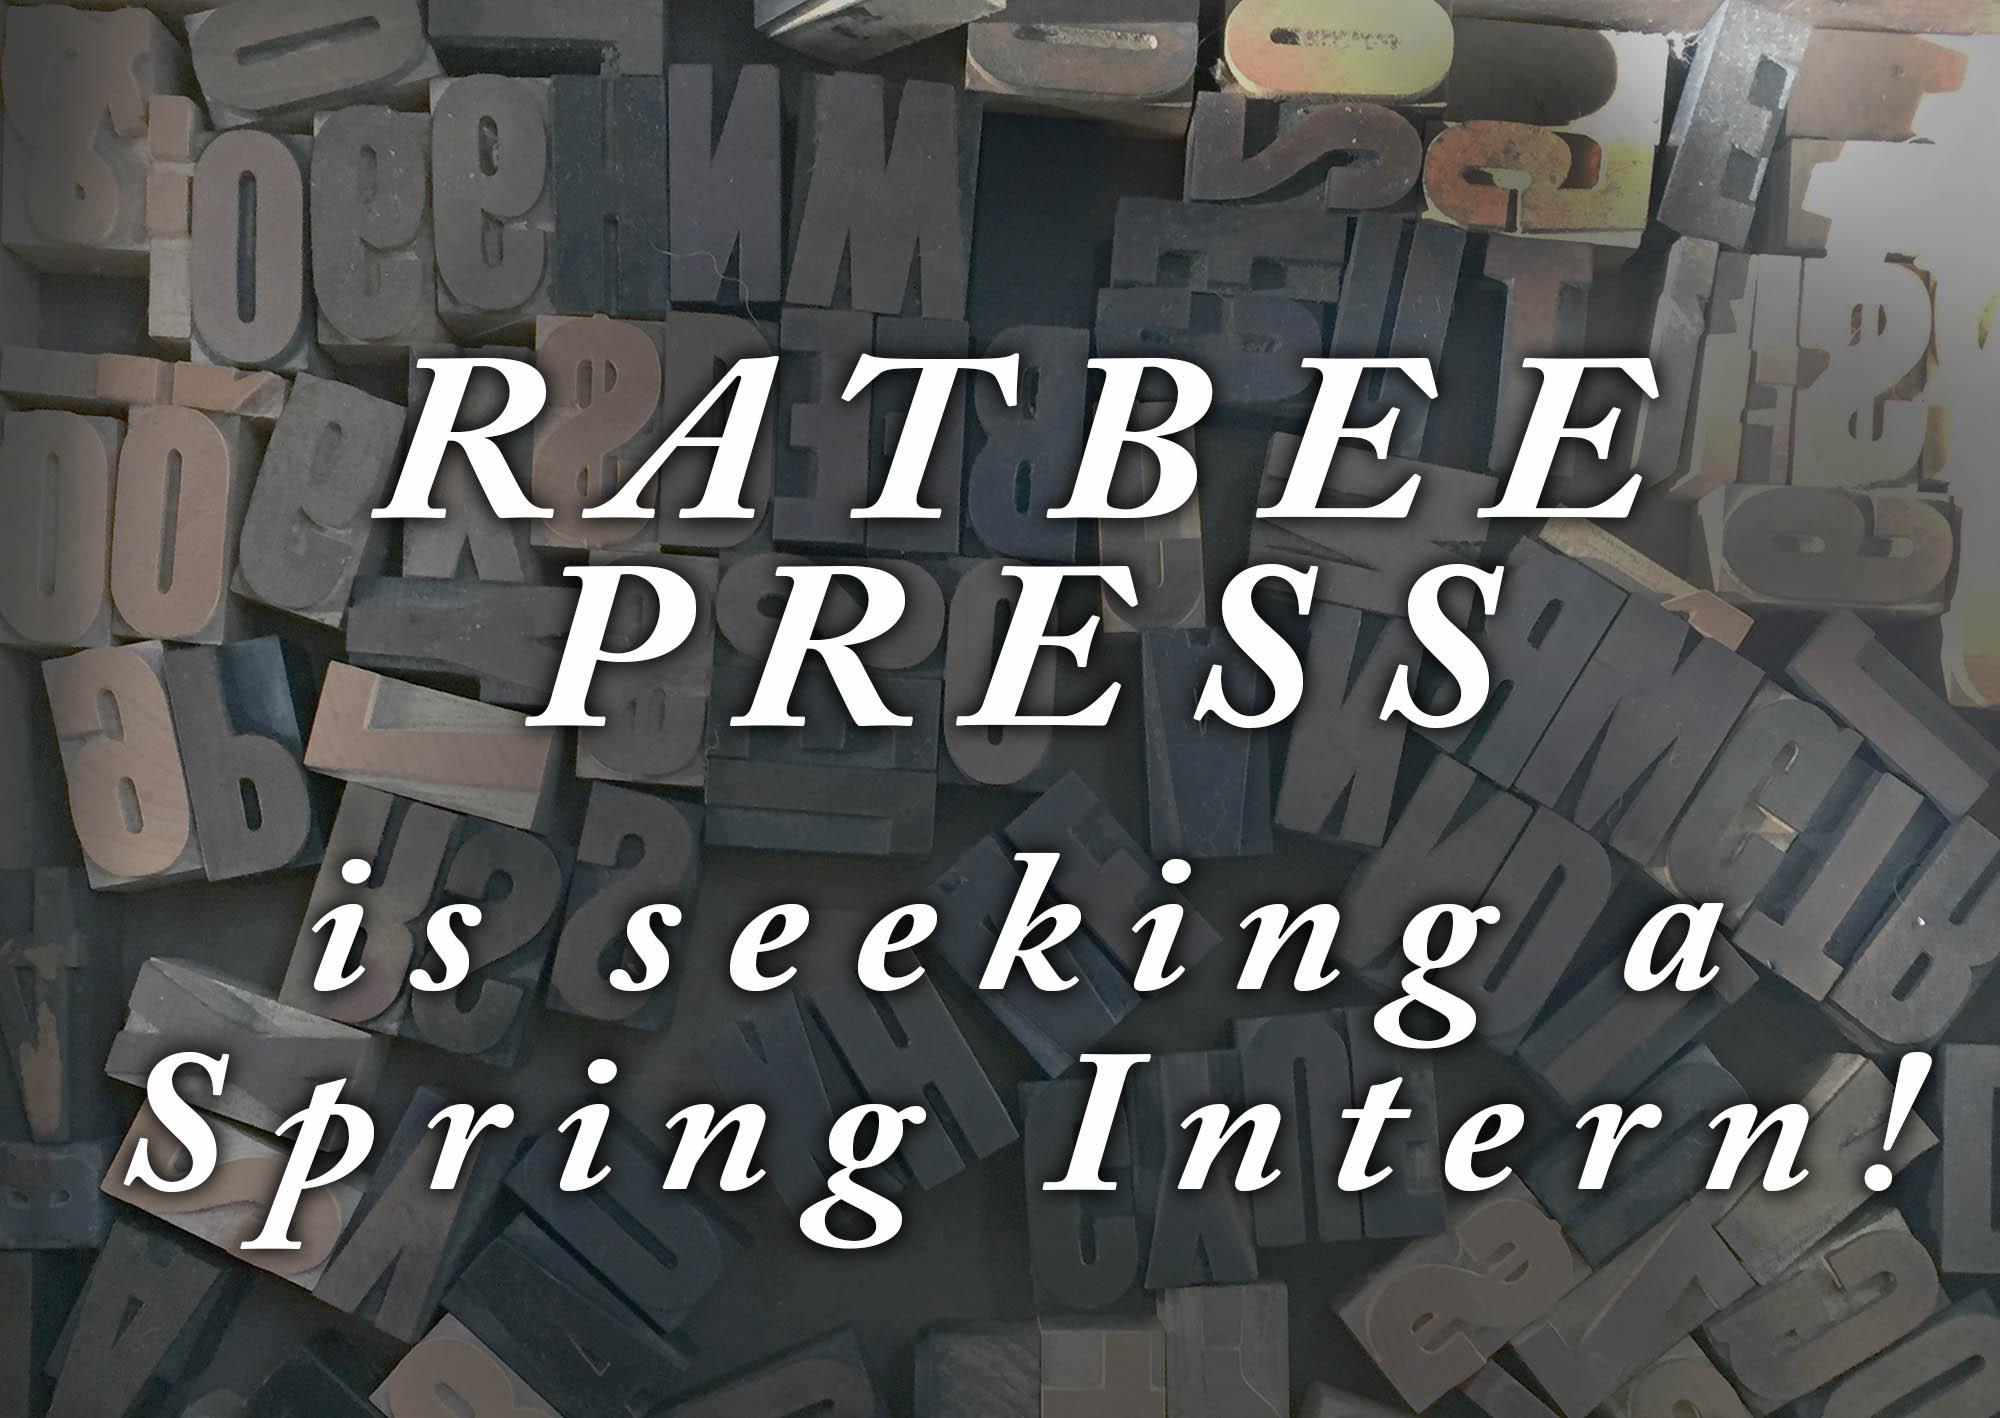 spring intern graphic website.jpg